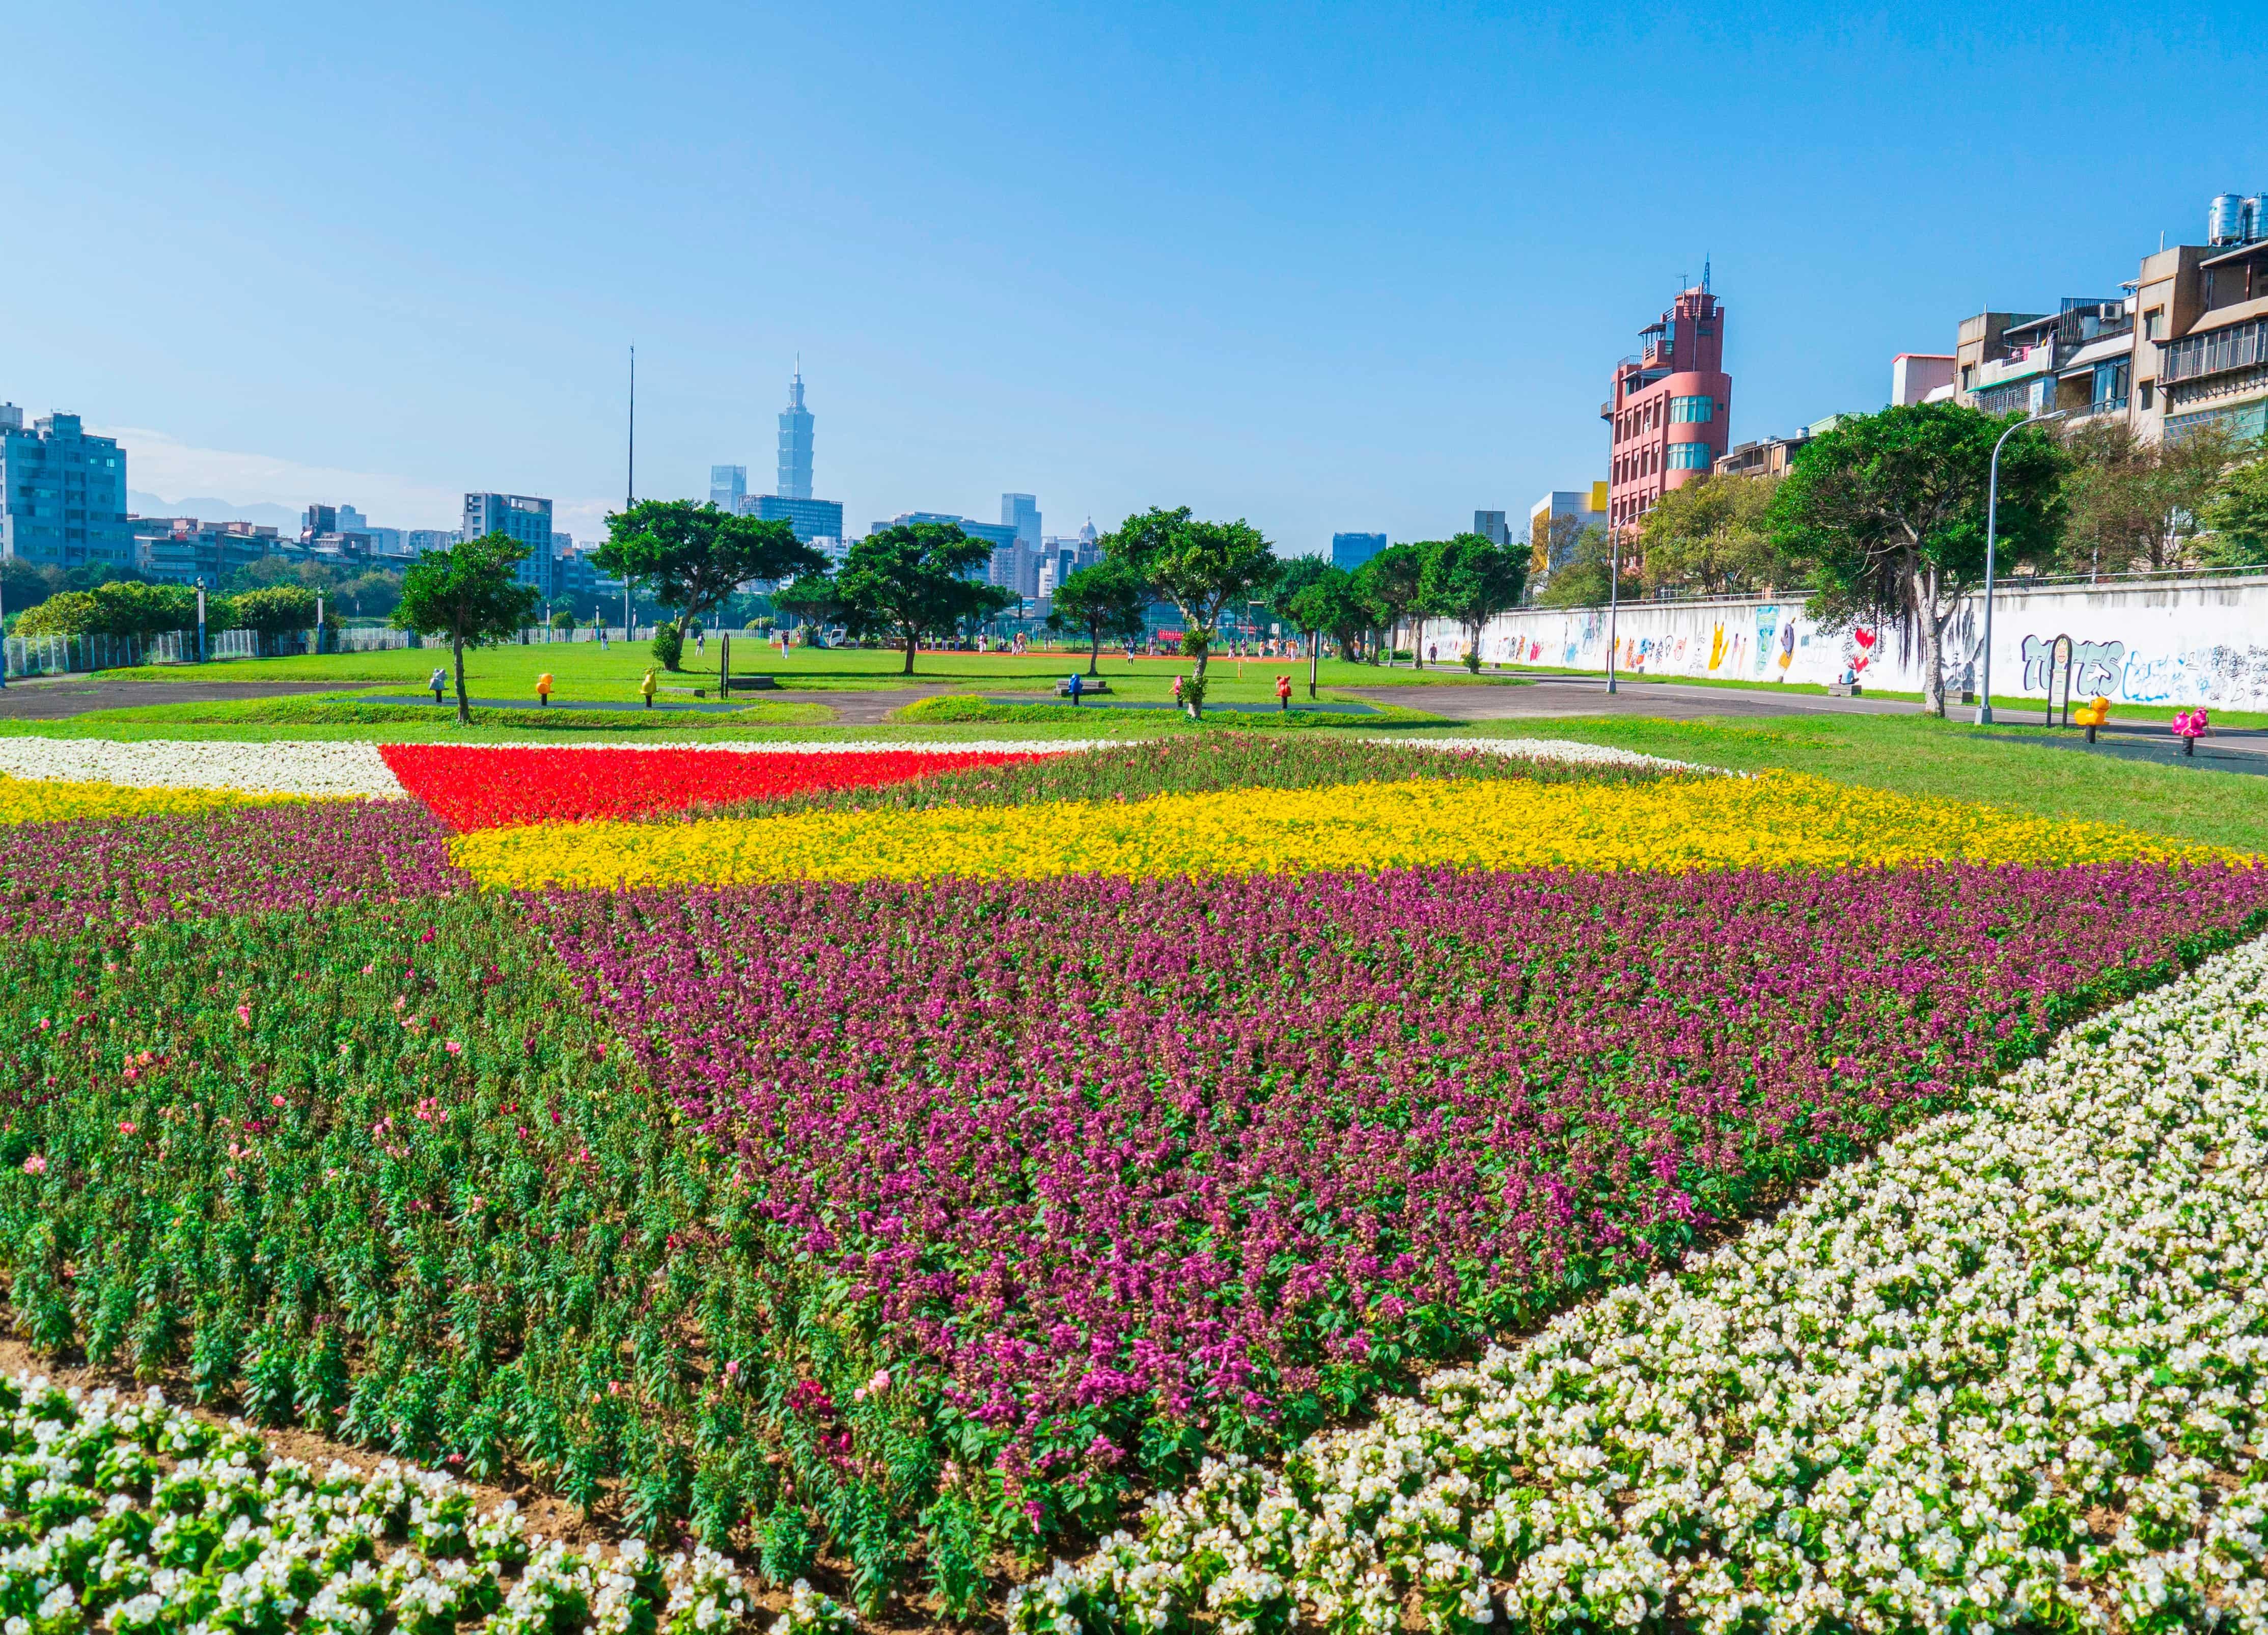 成美右岸河濱公園繽紛浪漫的花毯,種植面積加總約542坪,到明年2月都有花可賞。圖/台北市政府工務局水利工程處